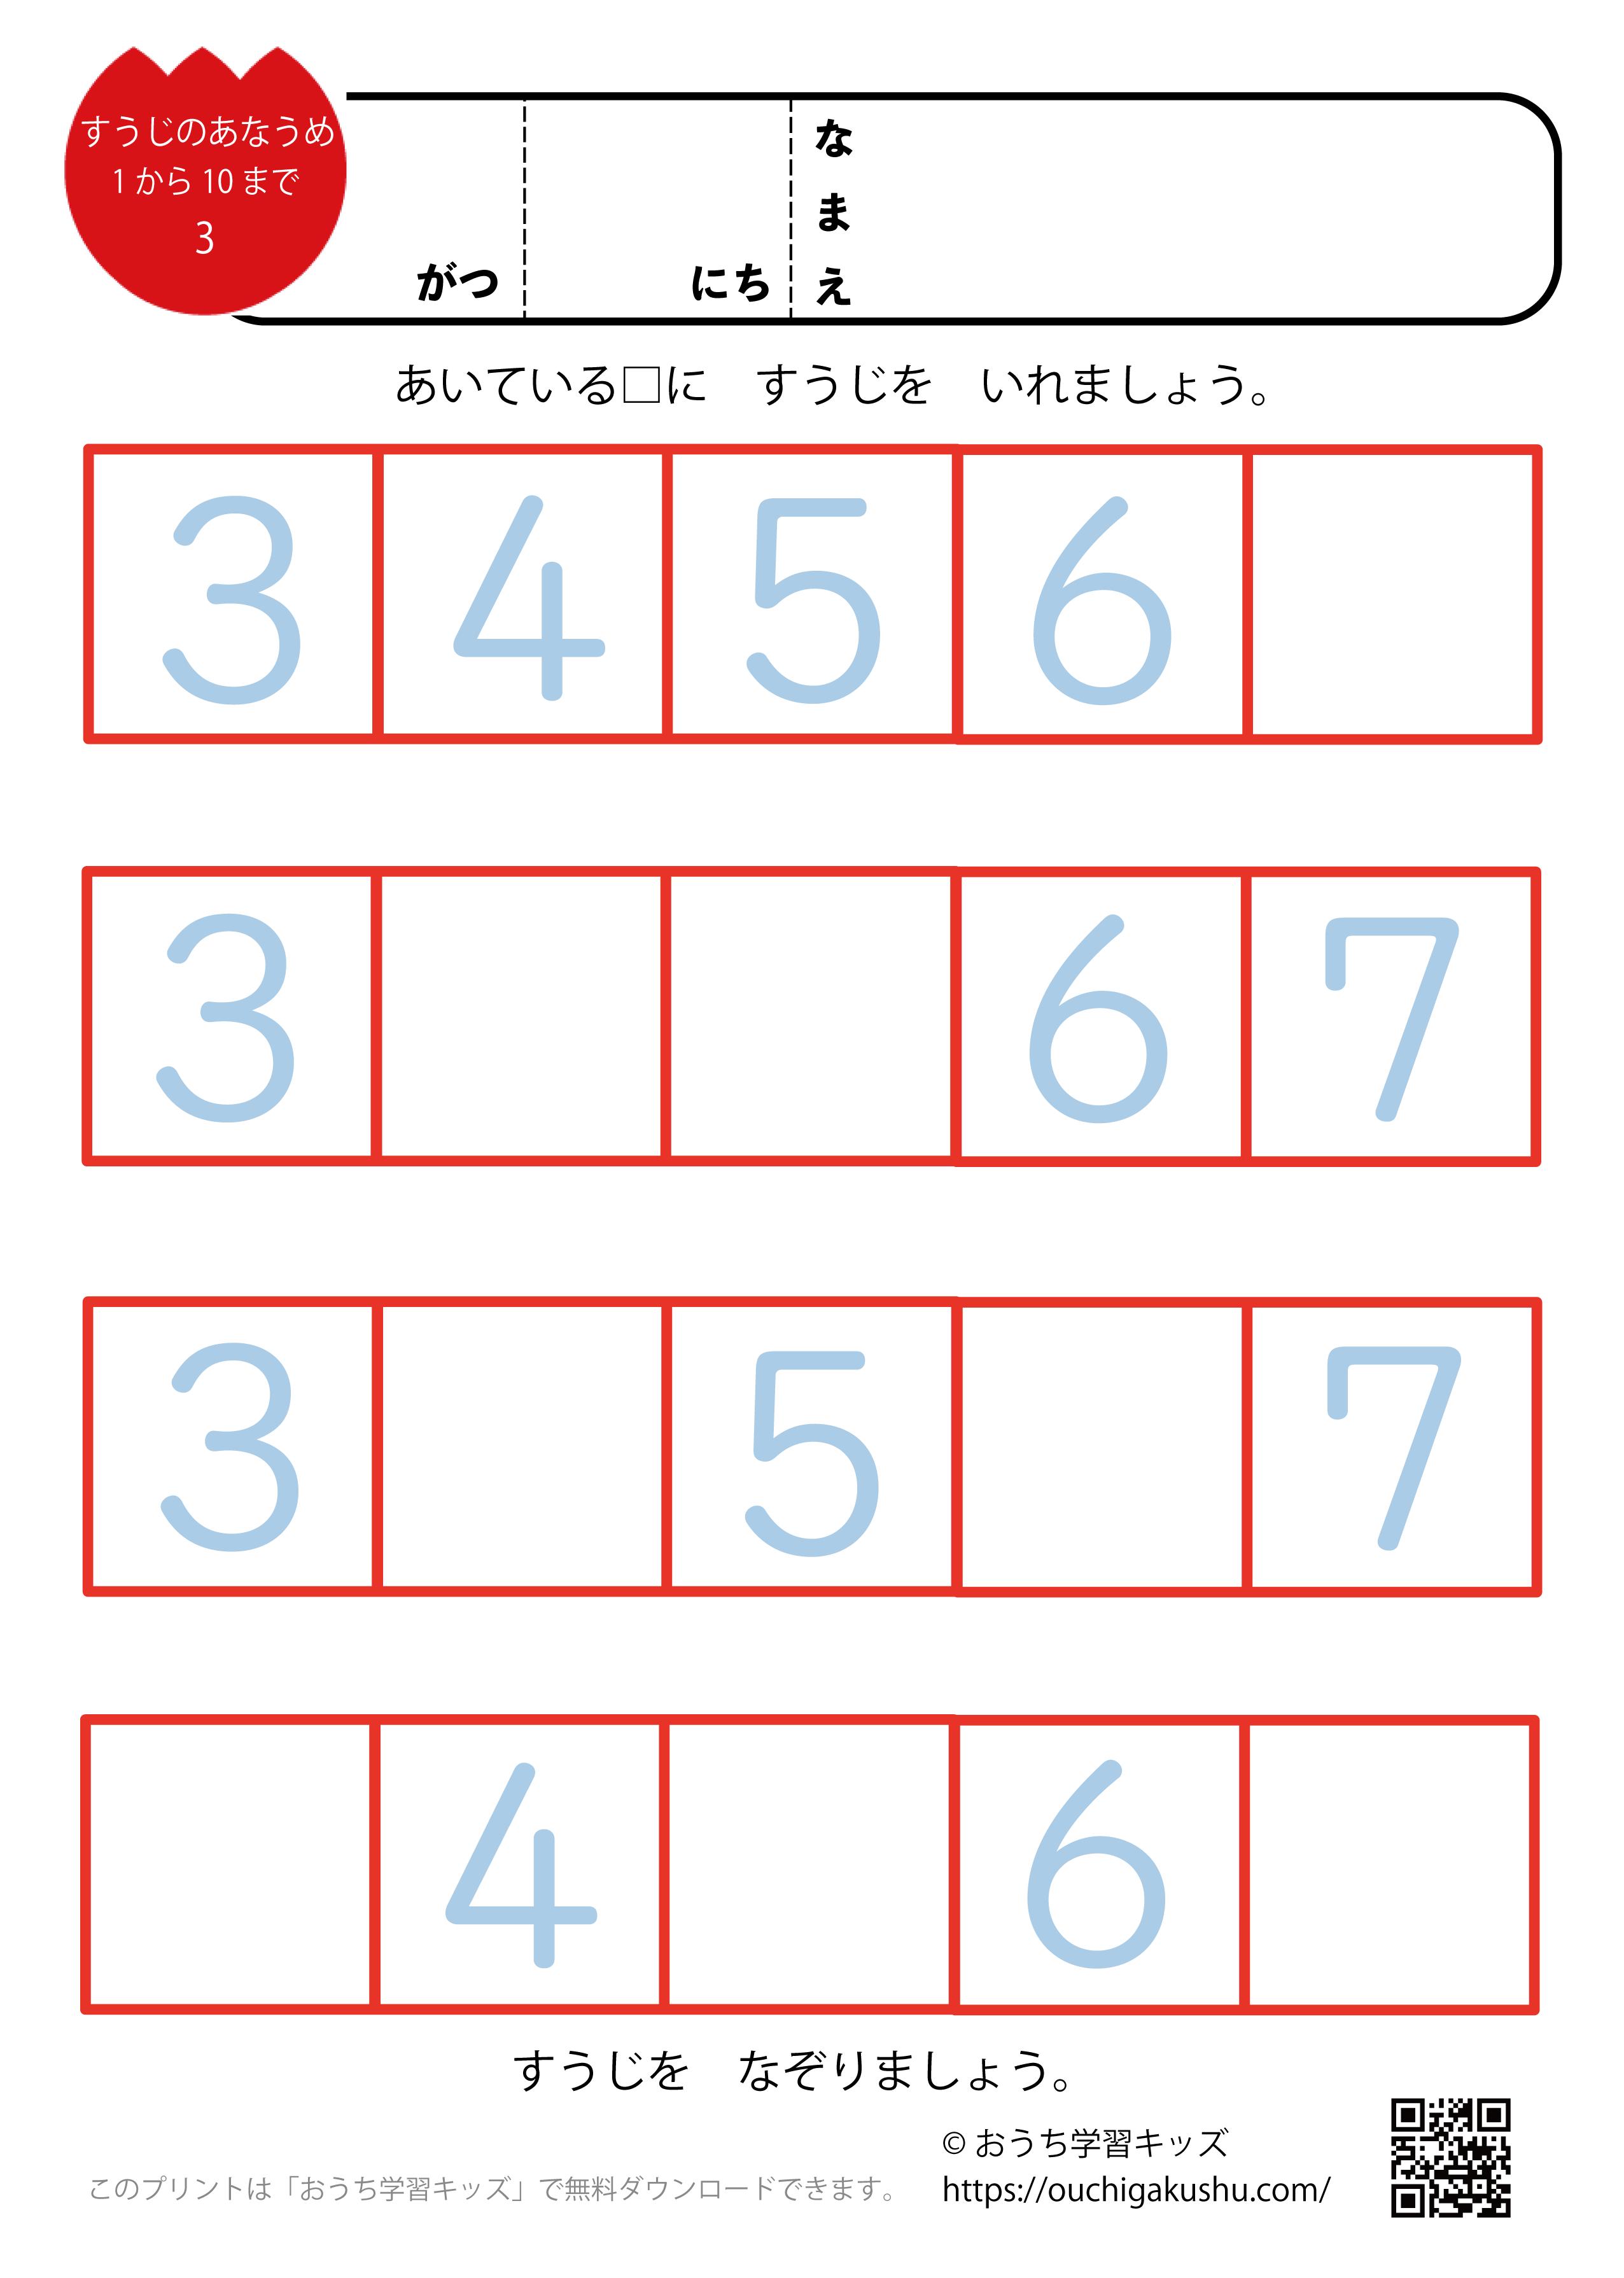 数字の穴埋め問題(1から10まで )3